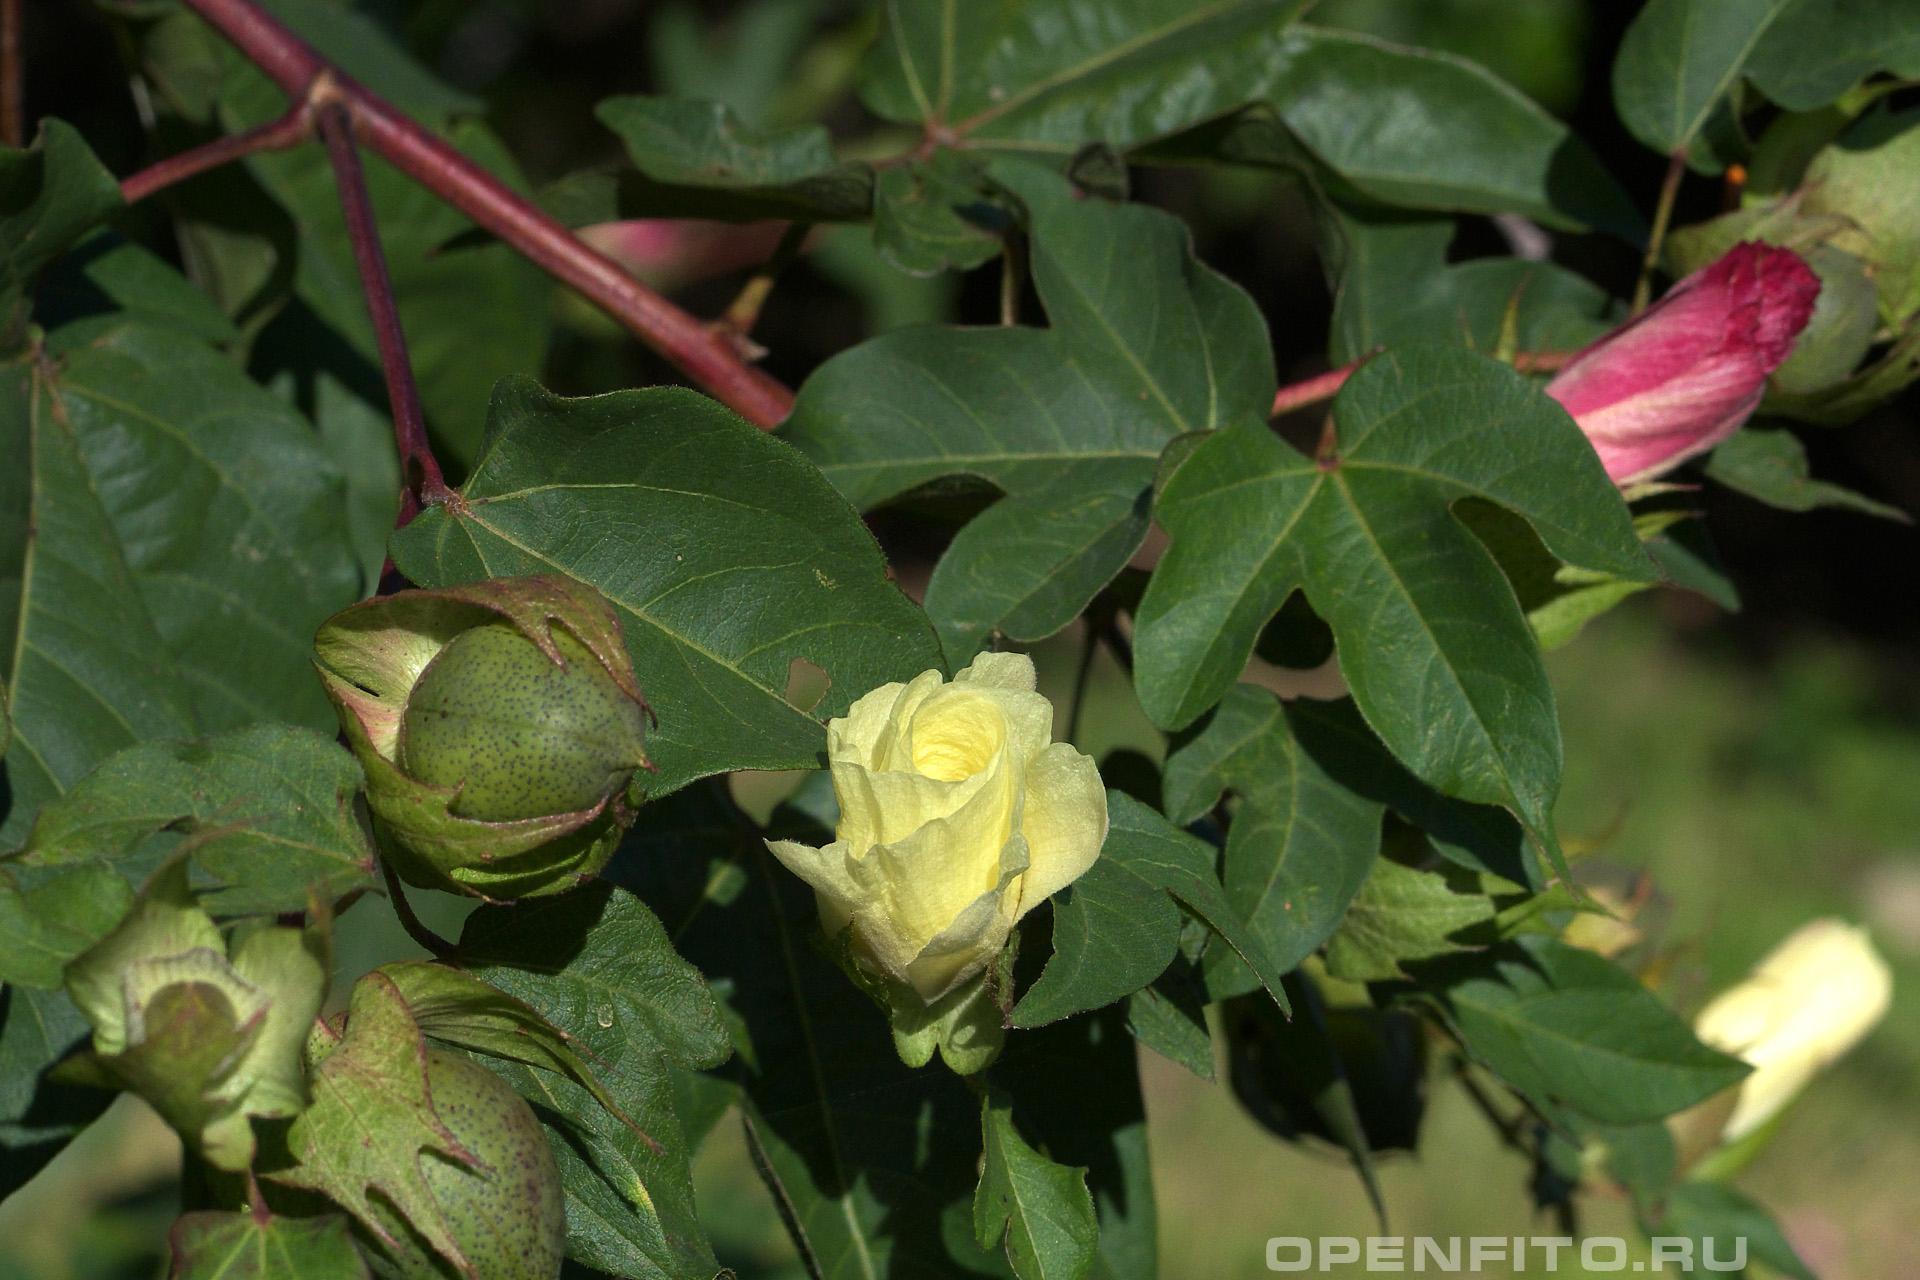 Хлопчатник обыкновенный листья с цветами и незрелыми плодами